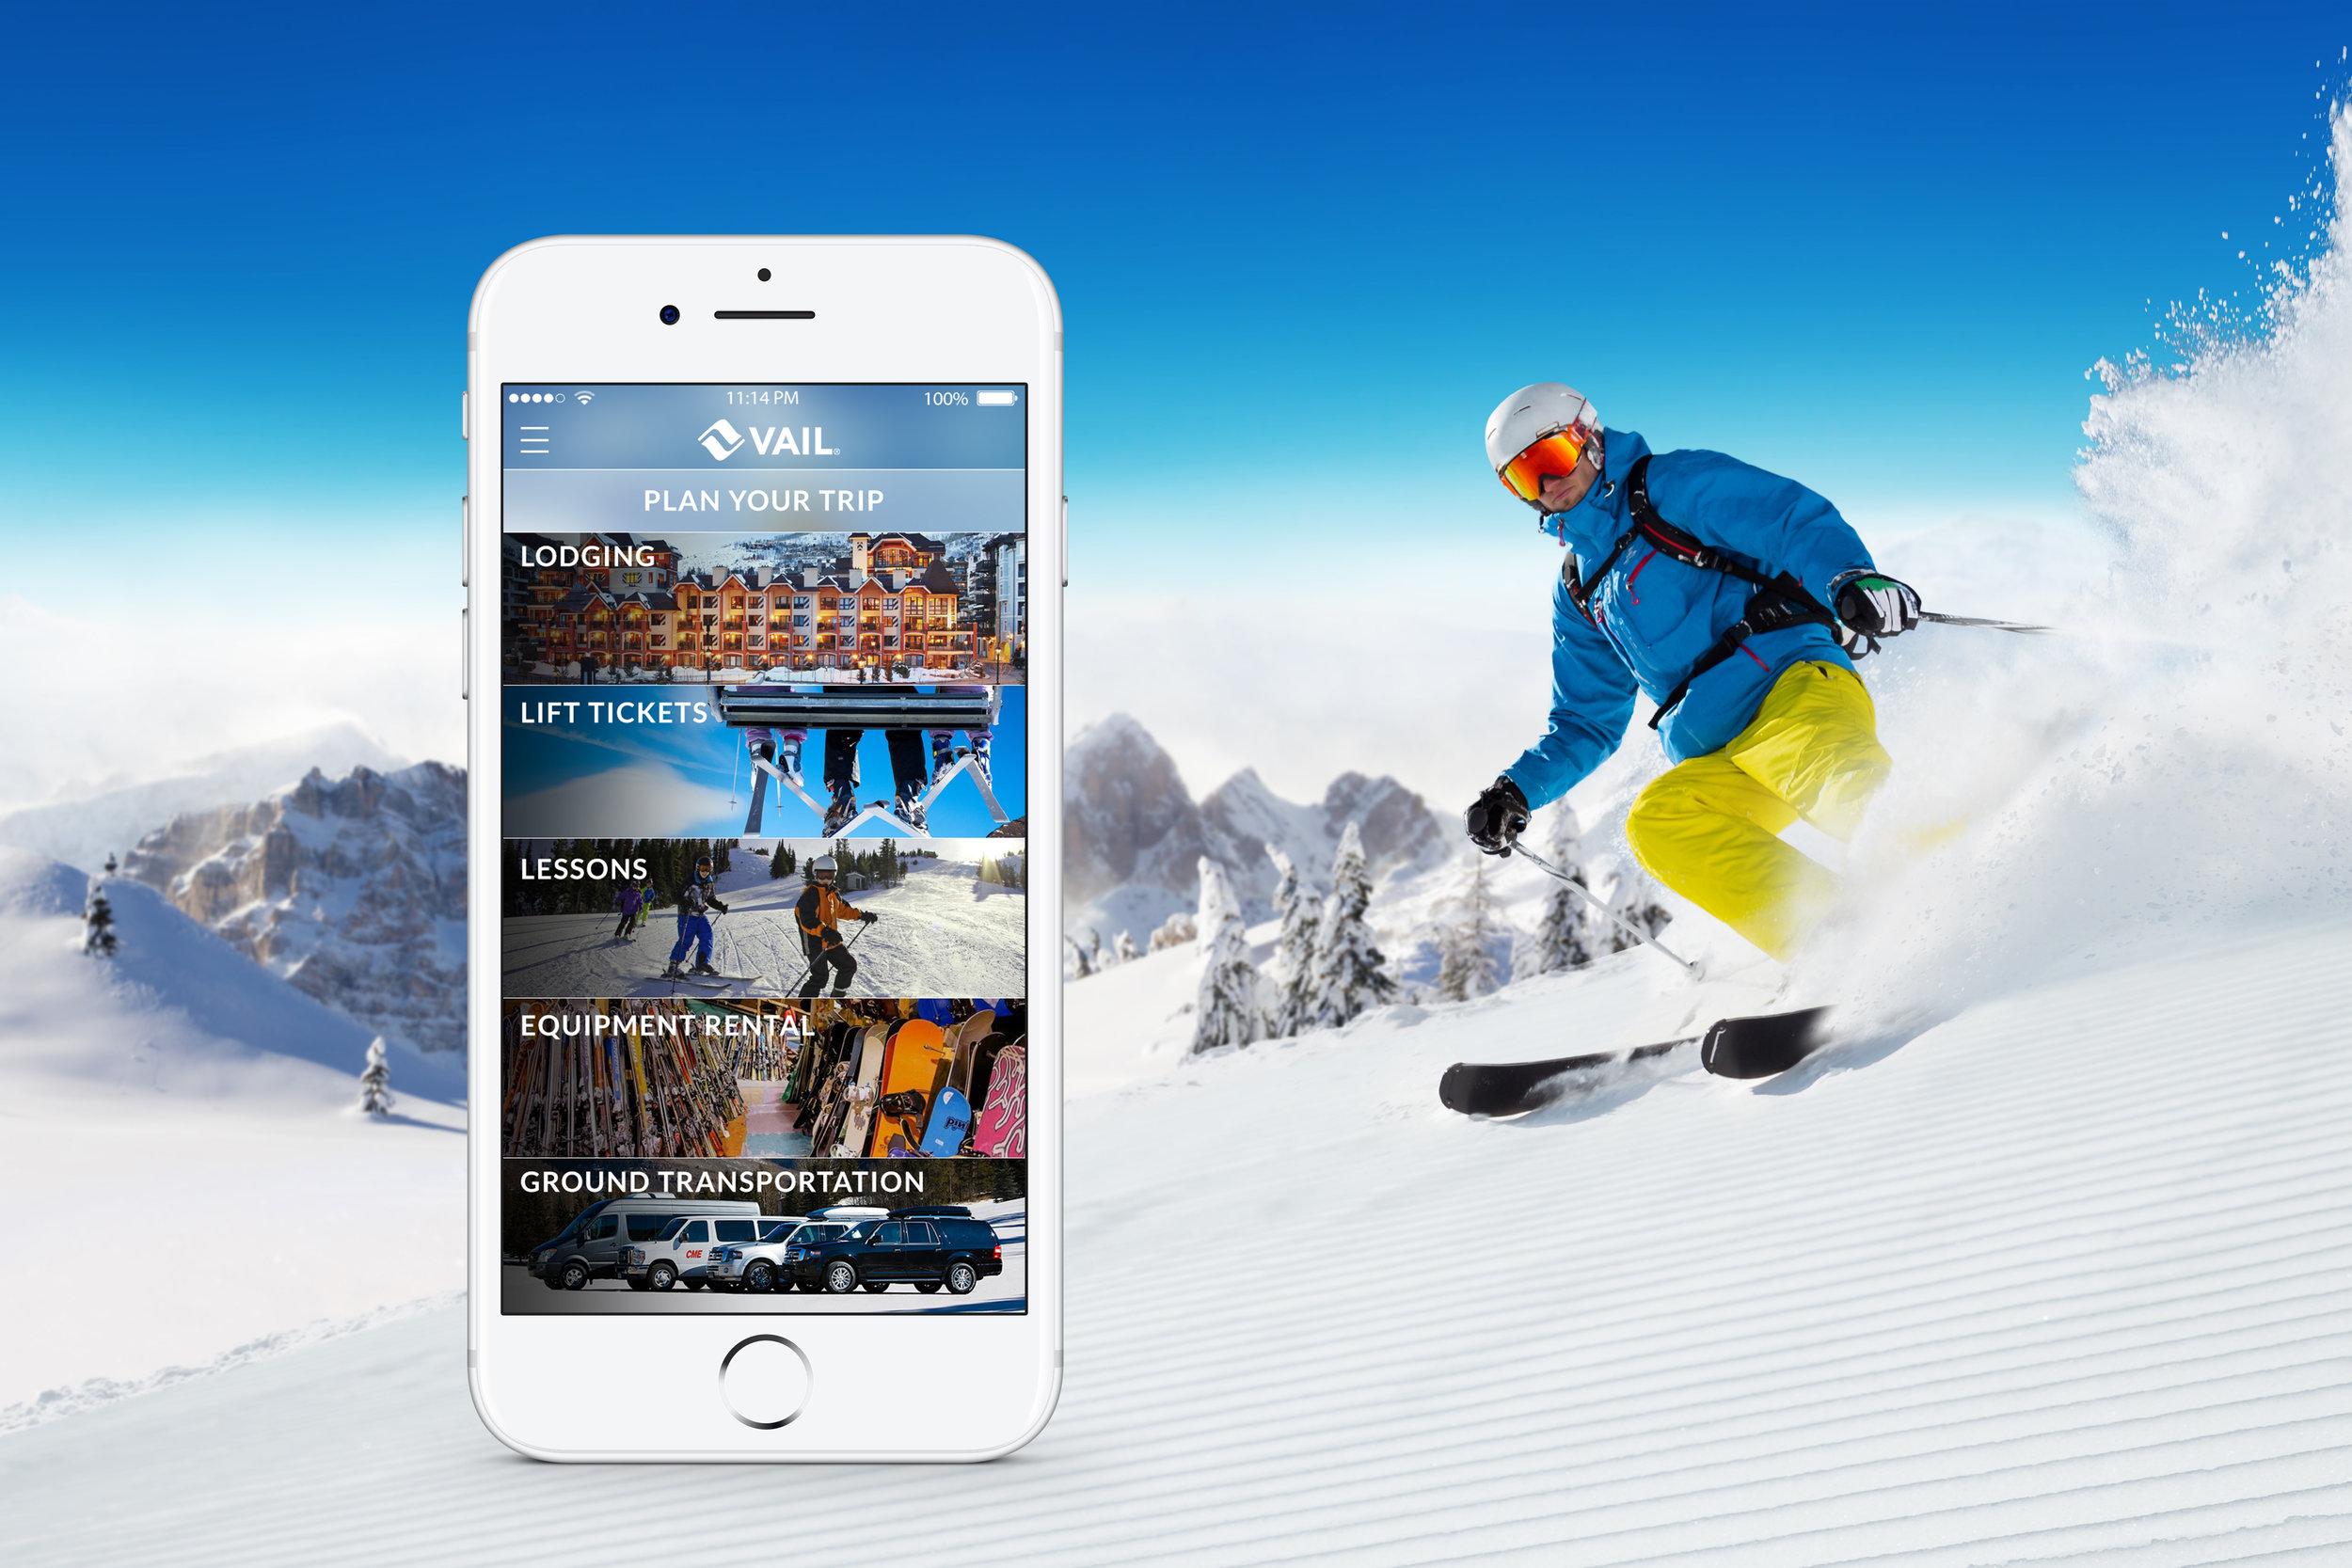 skier-image.jpg